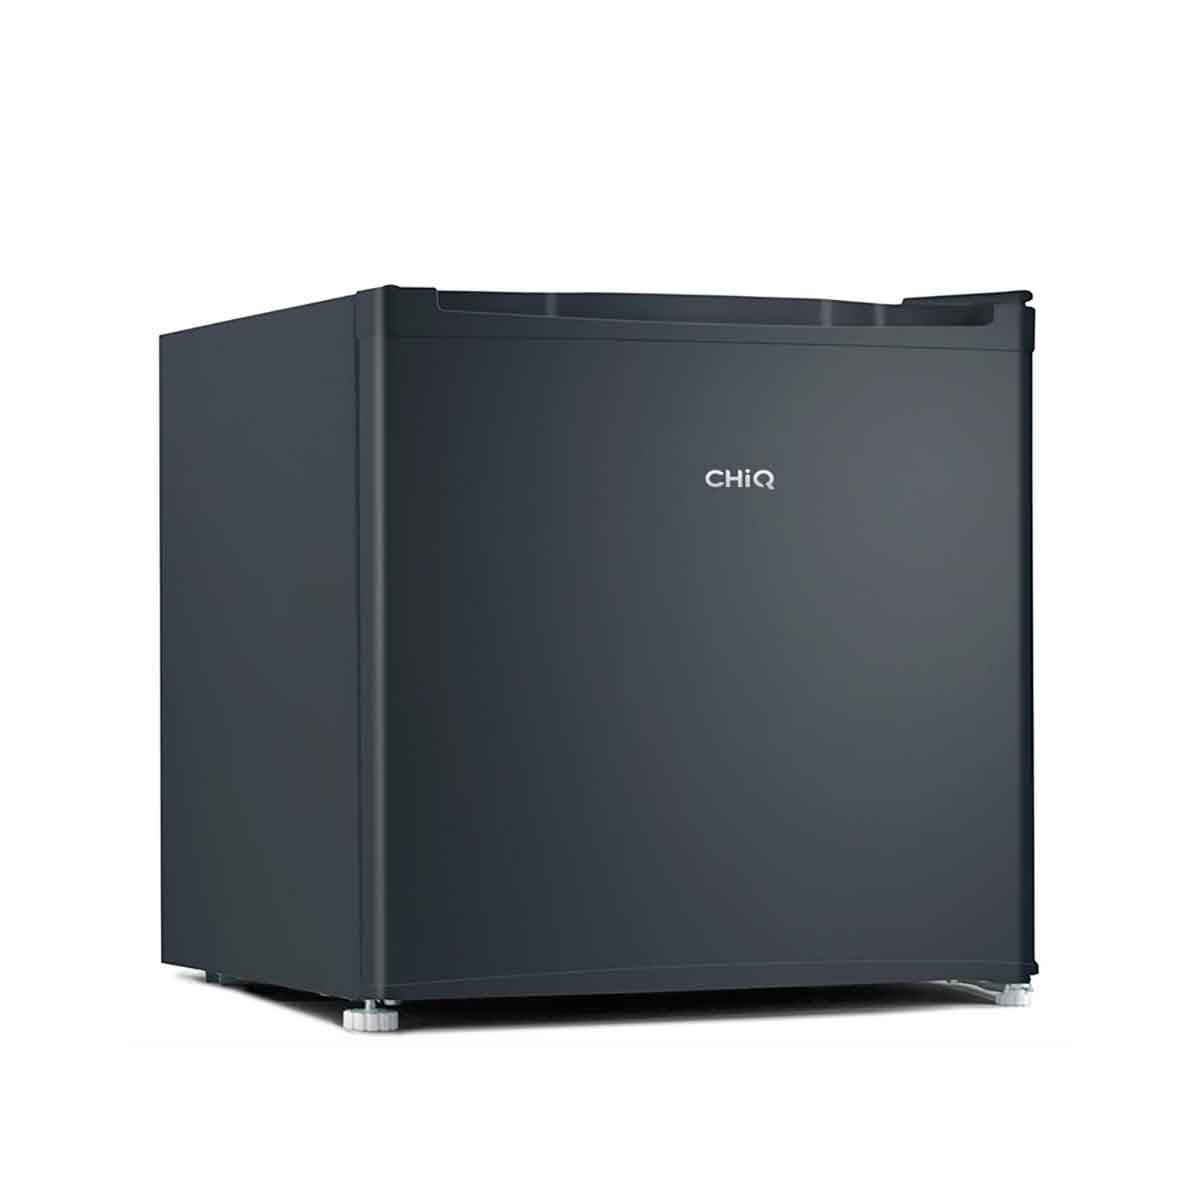 CHiQ CSD50D4 46L Mini Fridge - Dark Inox